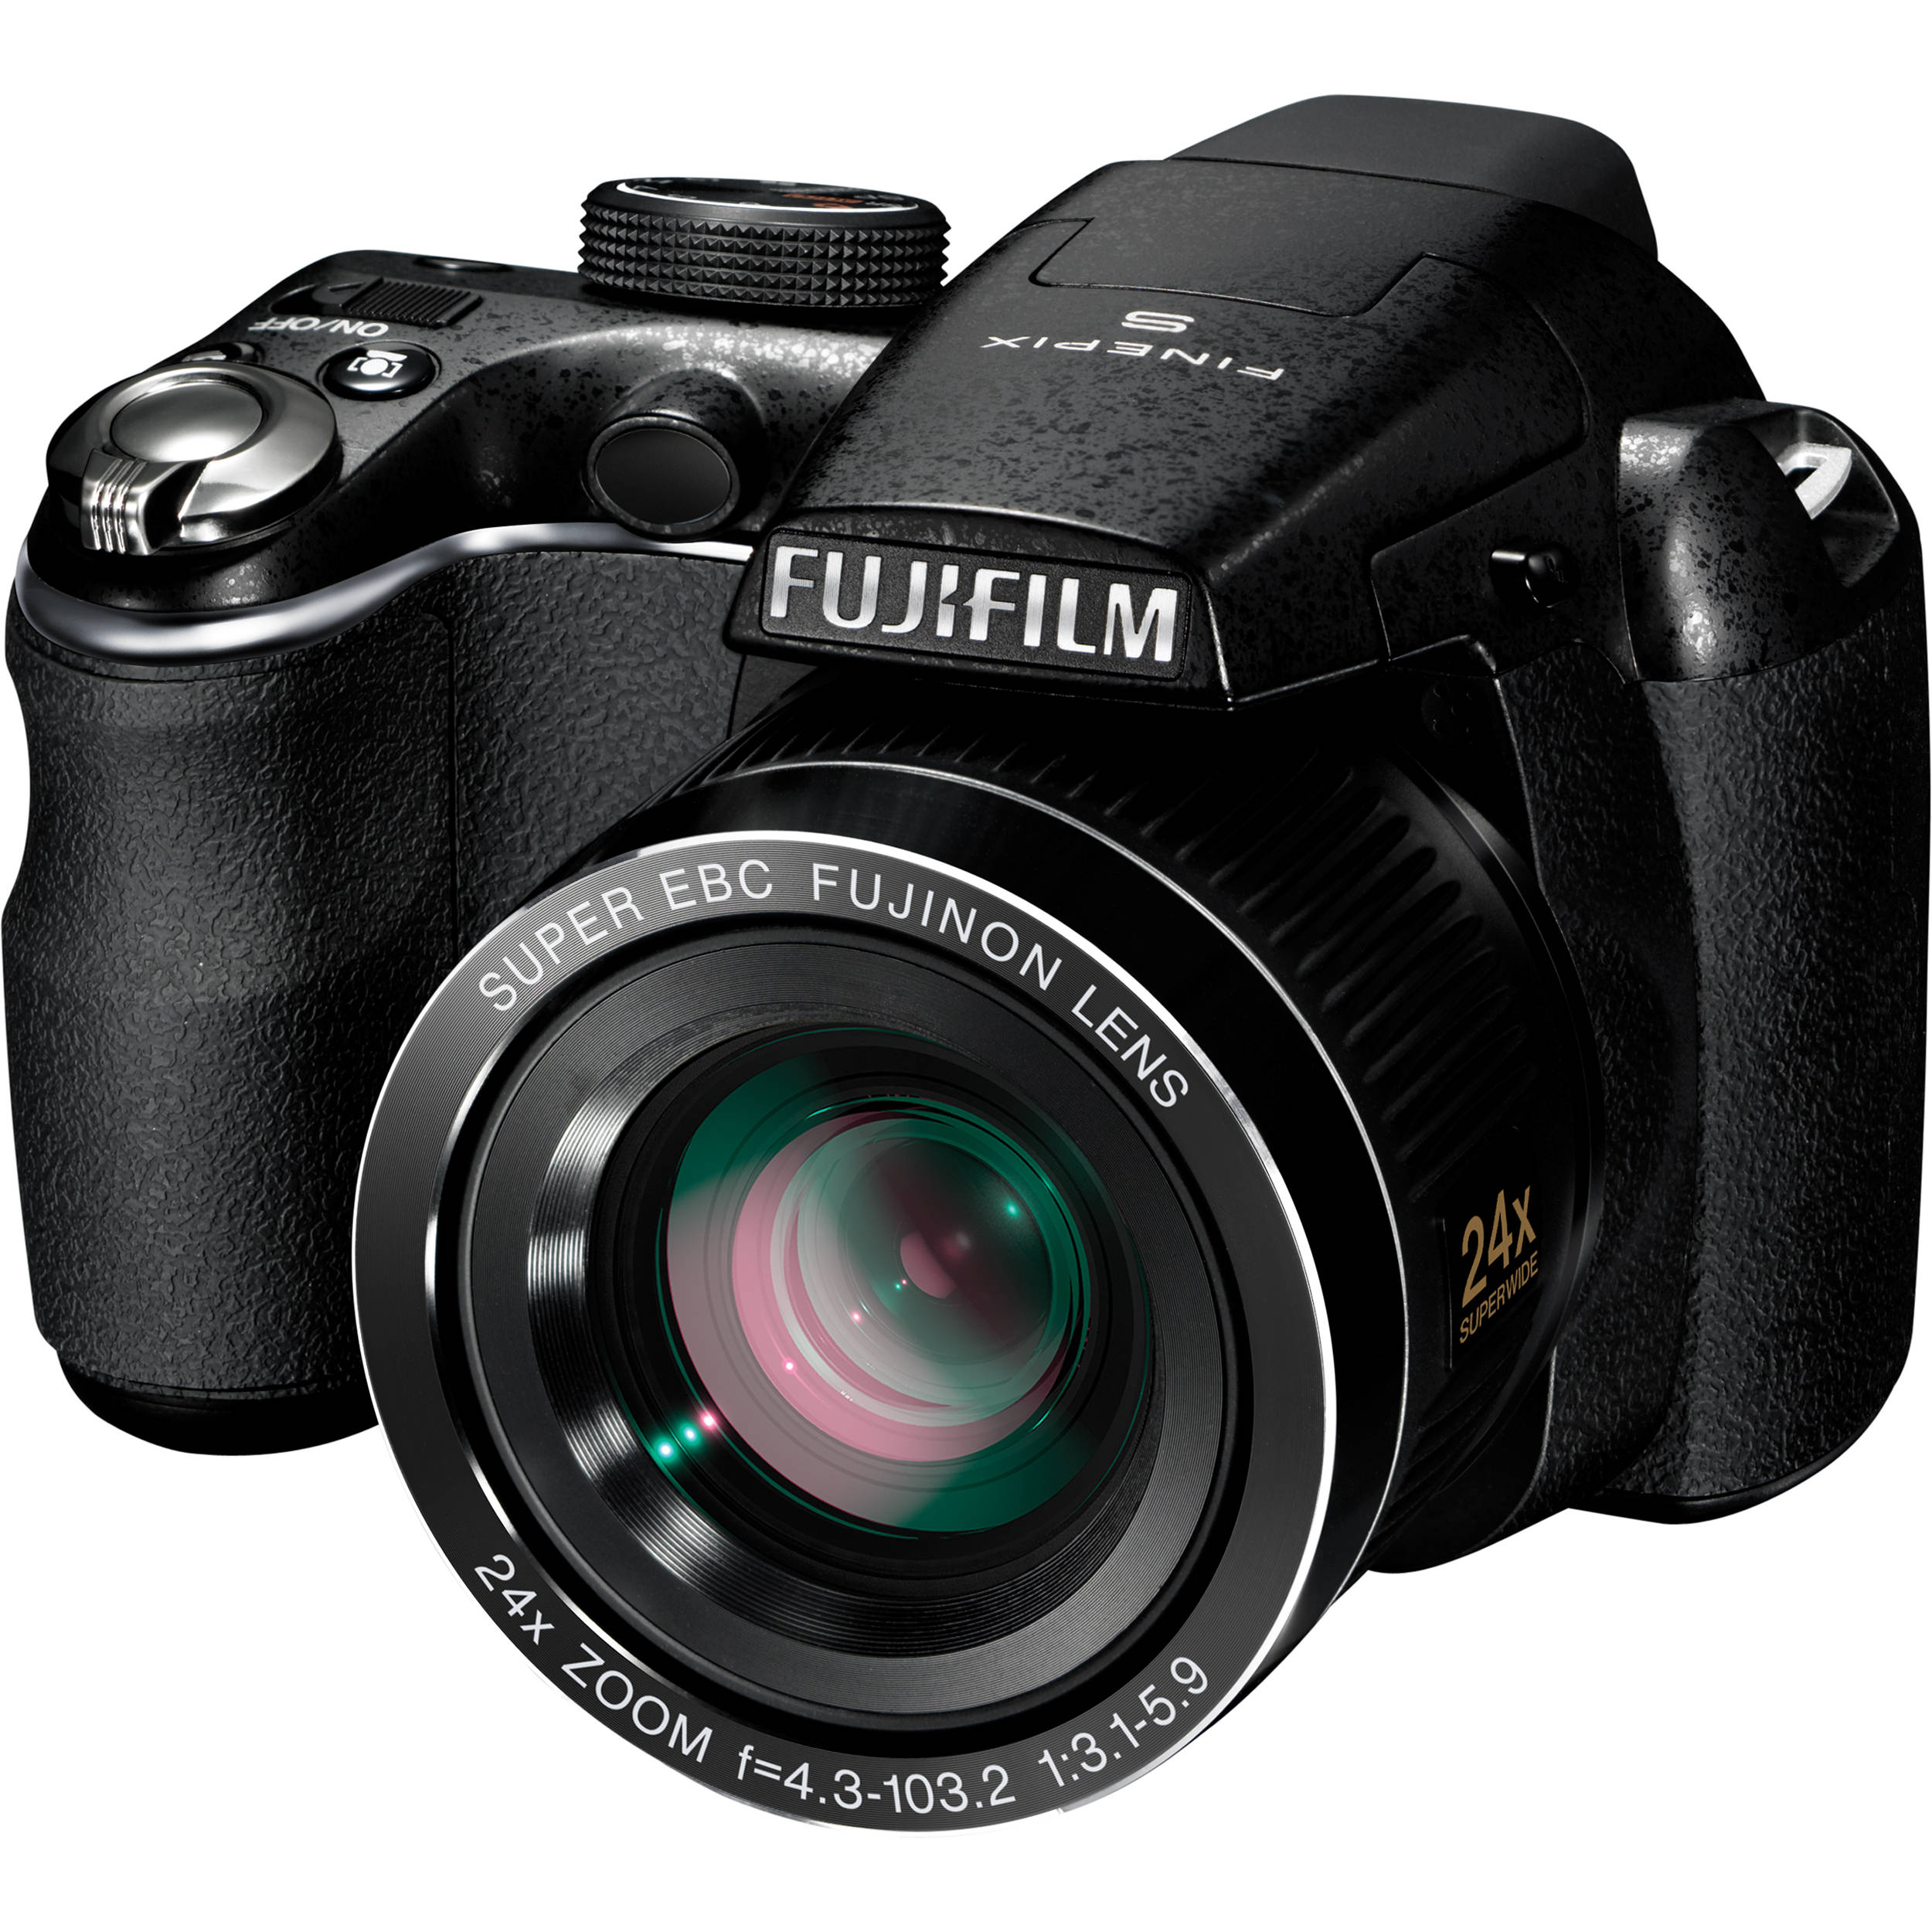 Fujifilm FinePix S3200 / S3250 Camera